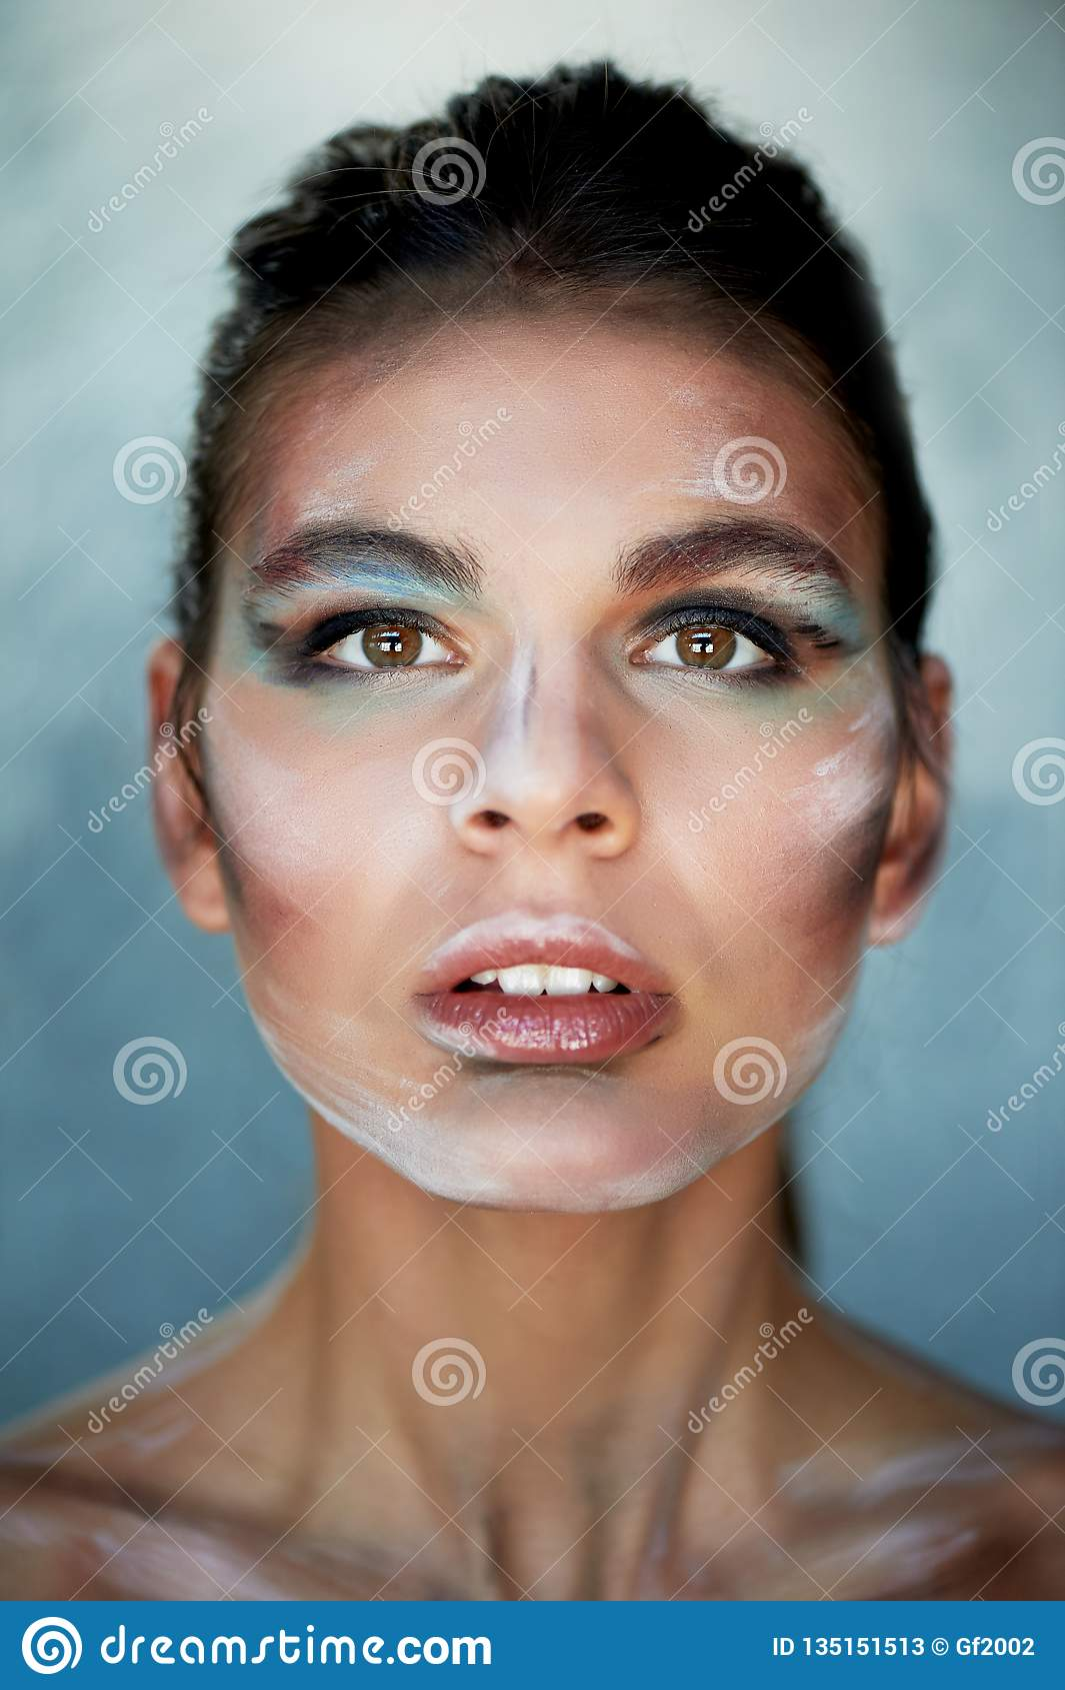 Modelo de la muchacha con el maquillaje creativo, movimientos de la pintura en la cara Persona creativa Labios entornados, cabeza